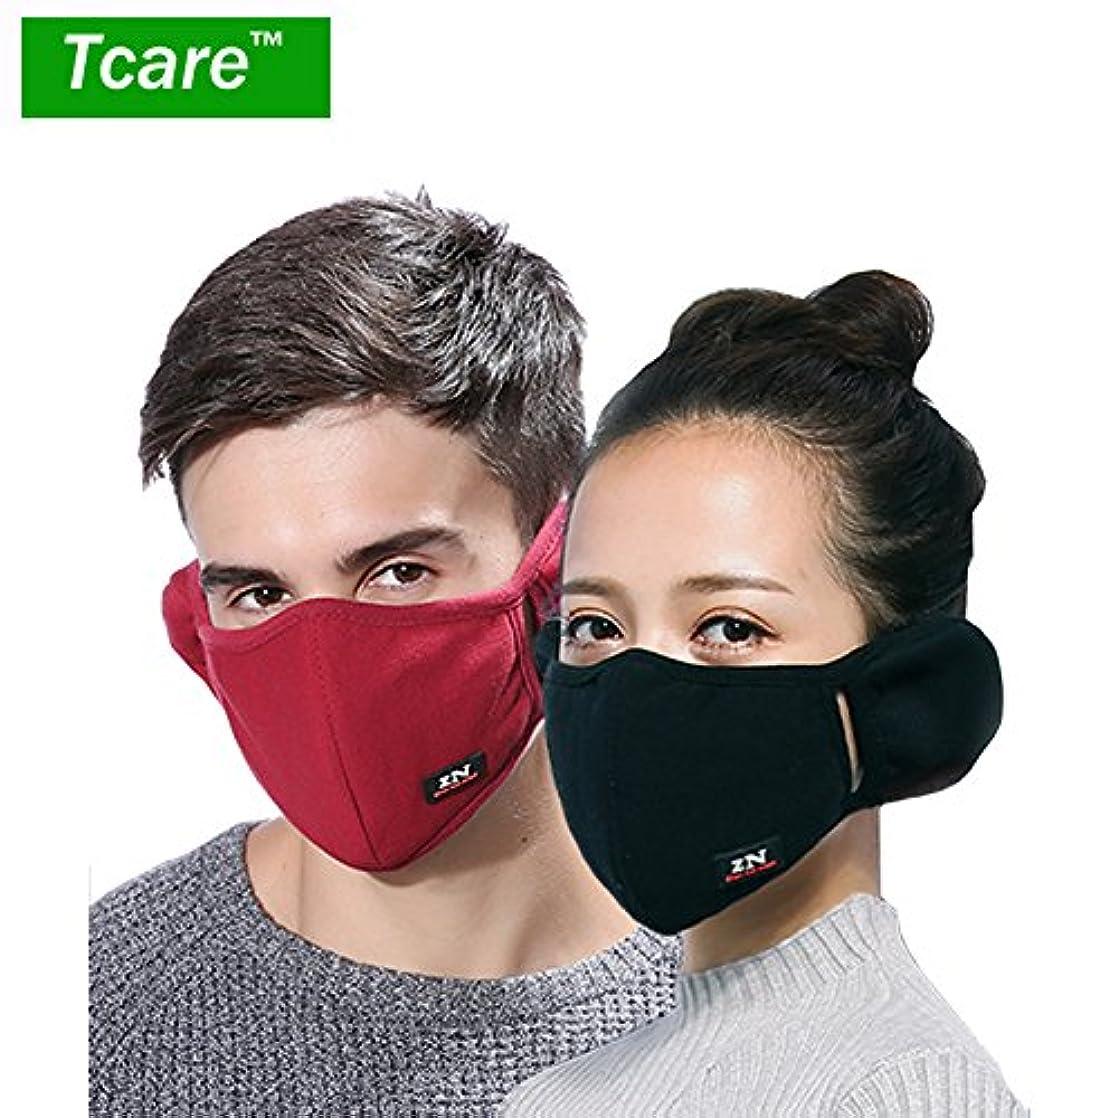 麻酔薬服を着るガウン男性女性の少年少女のためのTcare呼吸器2レイヤピュアコットン保護フィルター挿入口:6ピンク